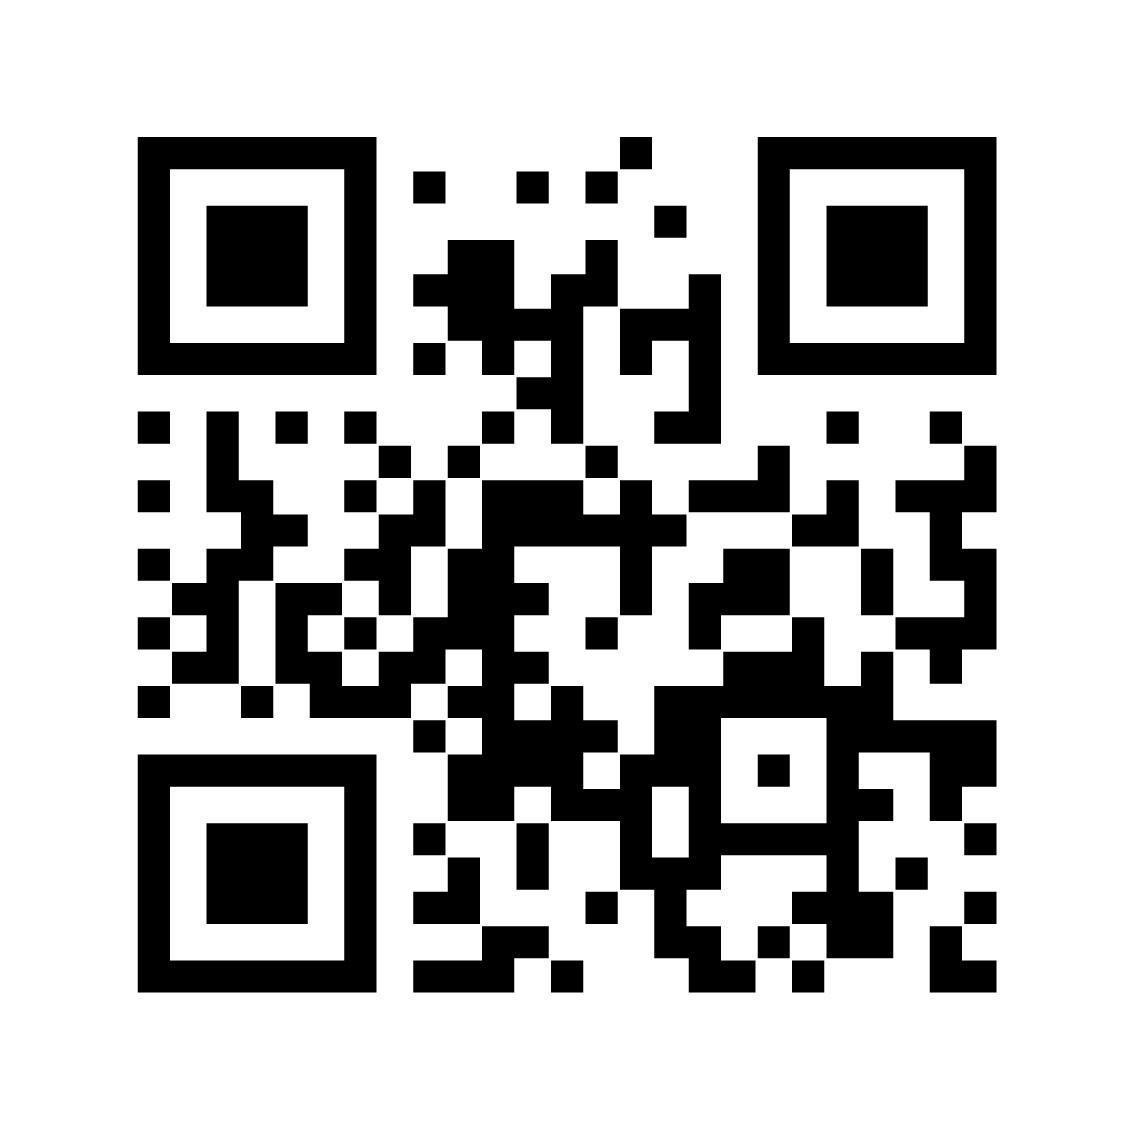 f0044329_22301875.jpg